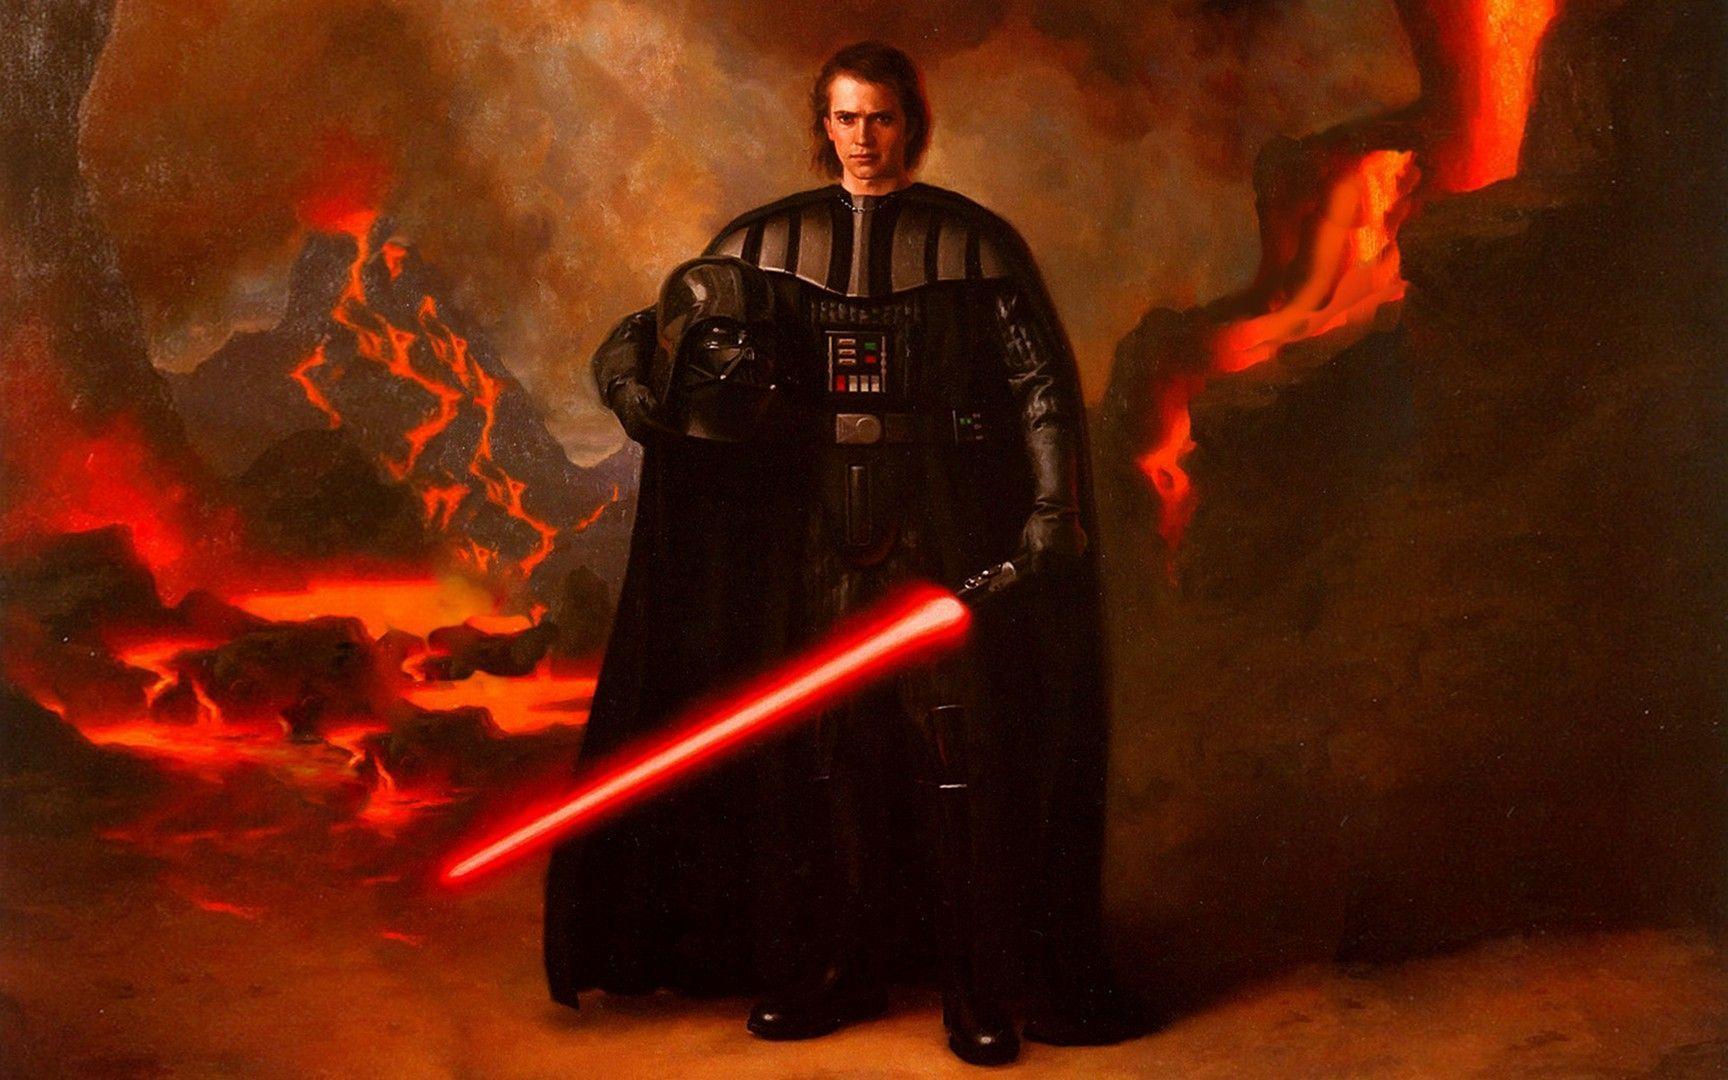 Darth Vader Vs Obi Wan Kenobi Wallpapers Wallpaper Cave